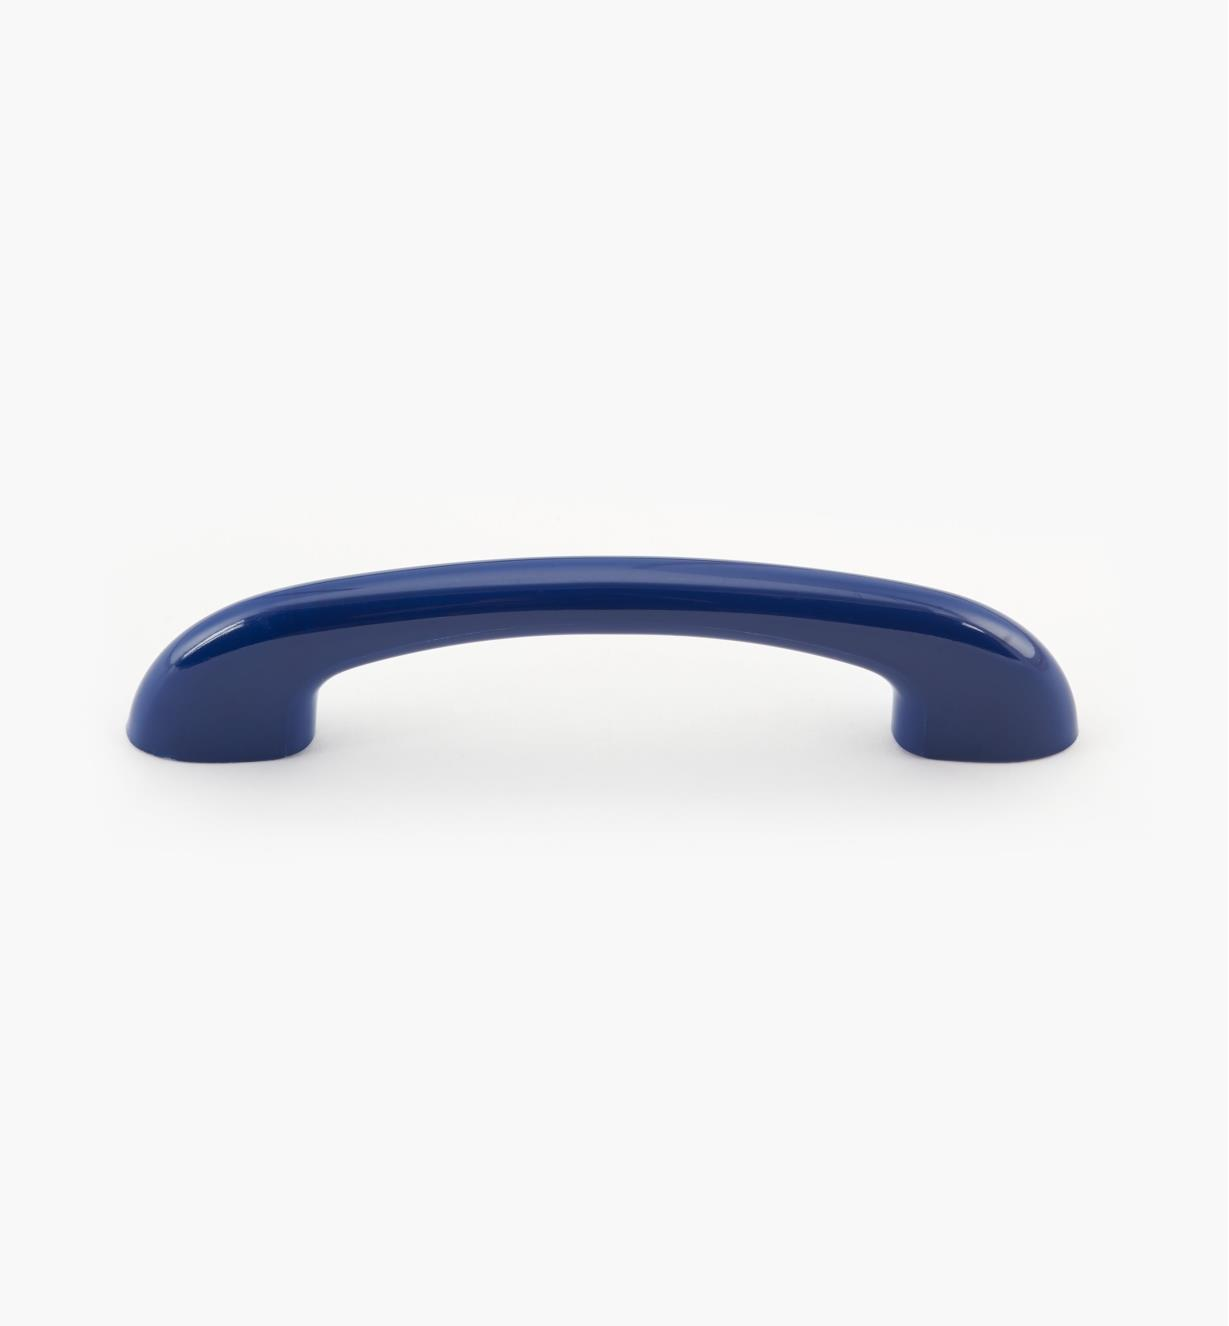 00W3516 - Poignée arrondie en plastique, bleu arc-en-ciel, 51/4po